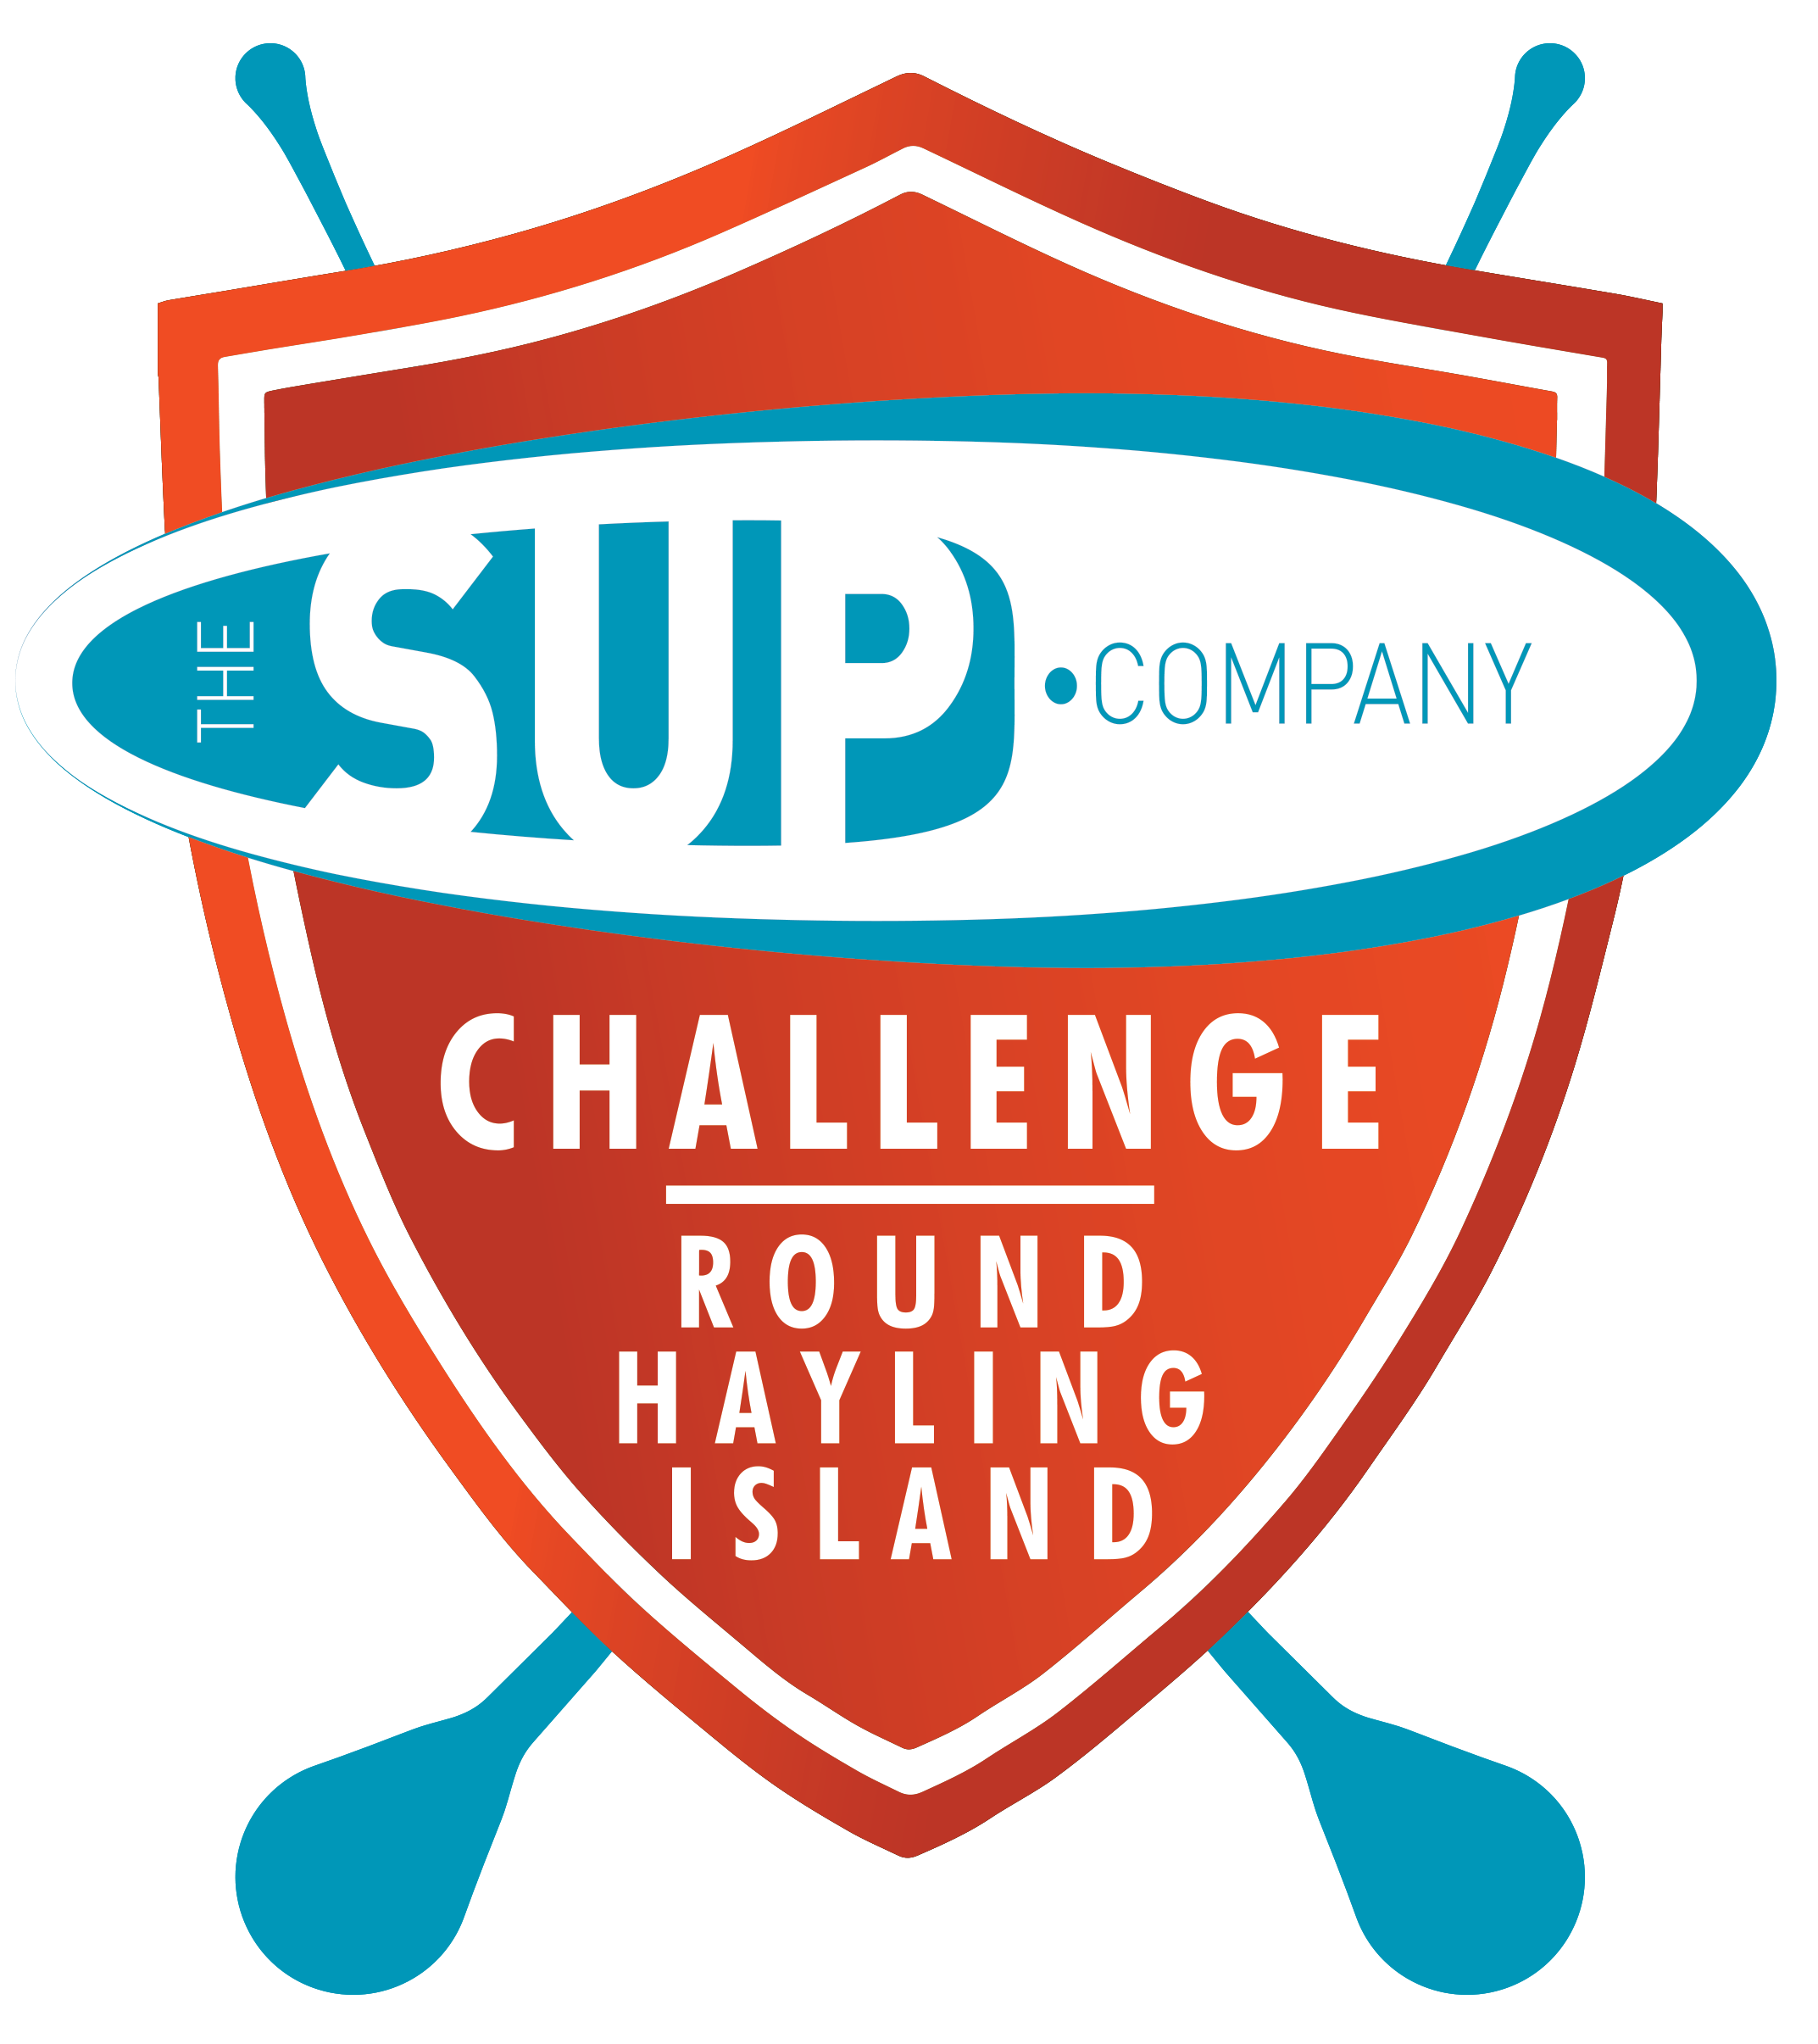 Round Hayling Island Challenge.